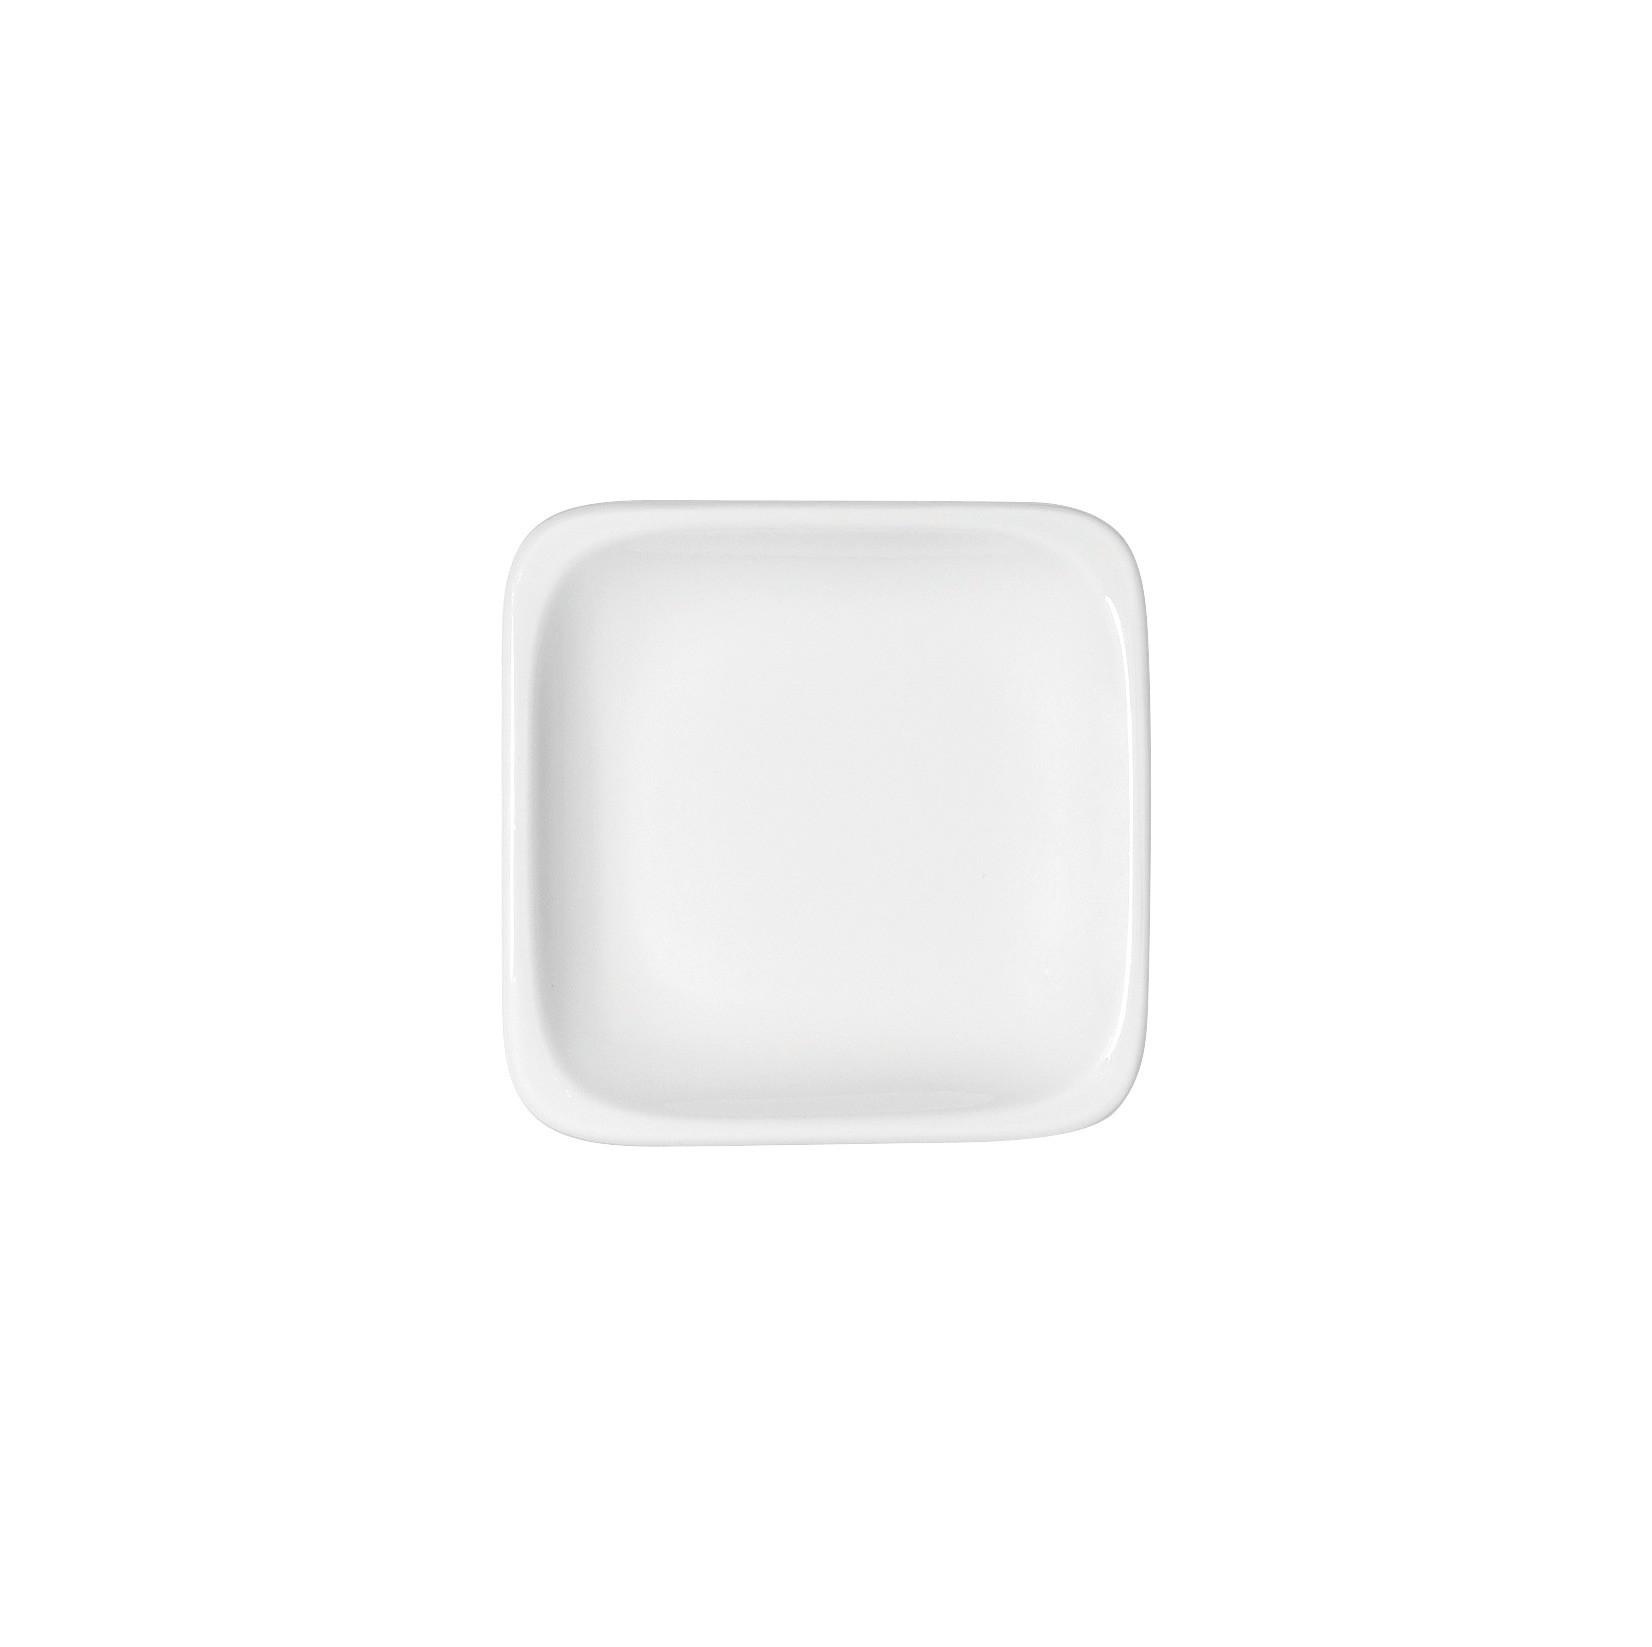 B1100, Teller flach quadratisch 95 x 95 mm